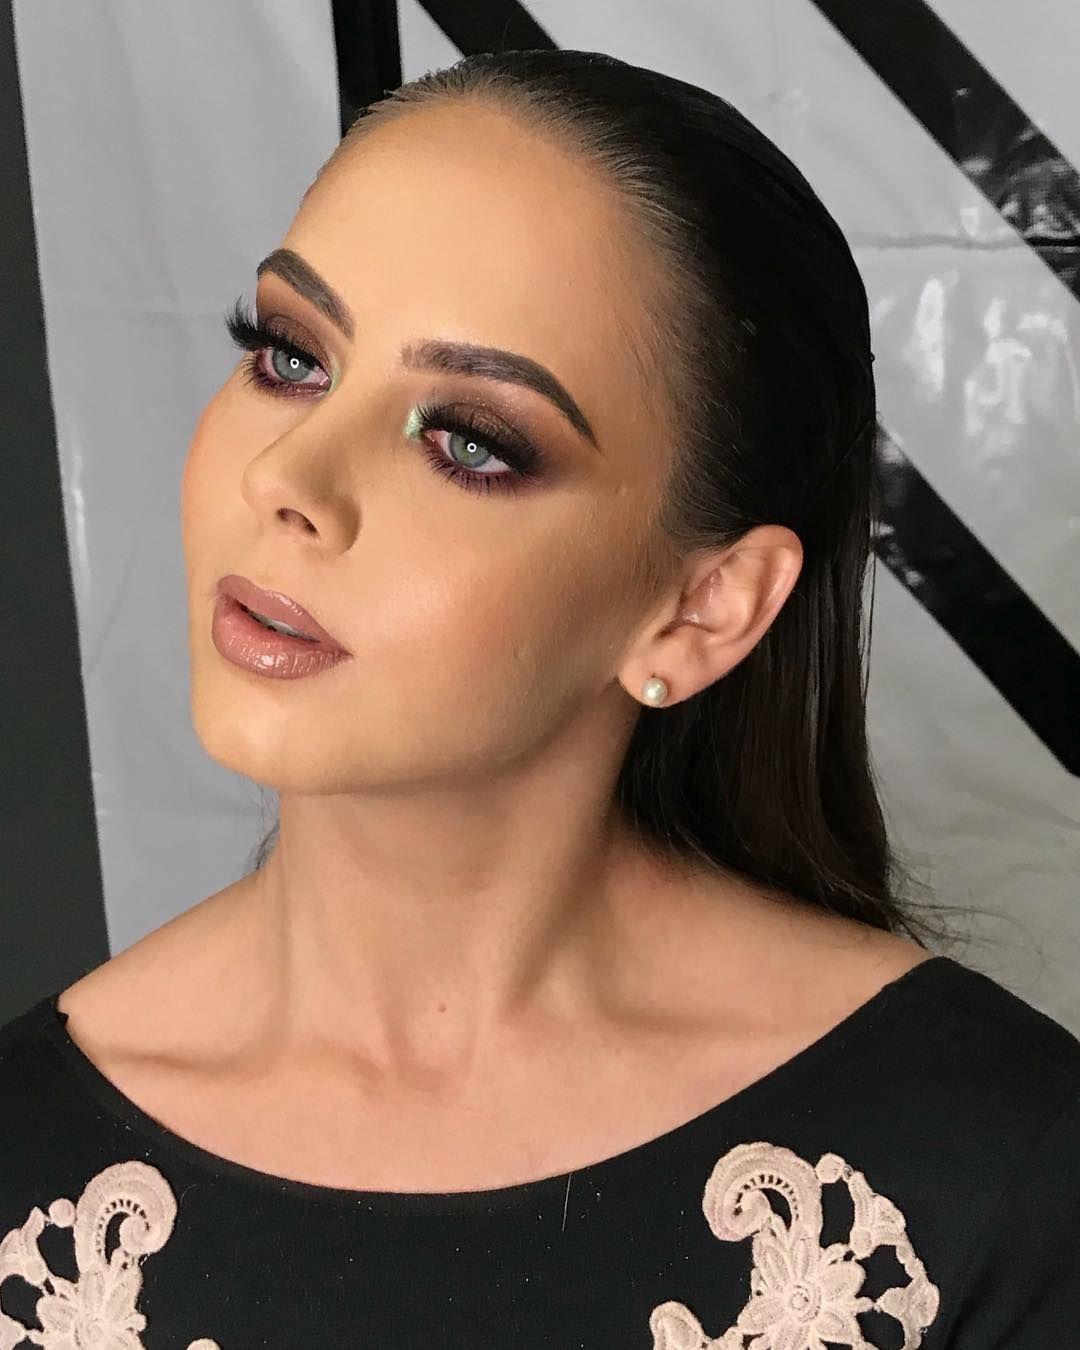 """Iván Fernández on Instagram: """"Uno de los looks que hice ayer en mi workshop en León Guanajuato! Gracias a los colegas que estuvieron ahí ❤️ gracias @mariana9023 porque…""""  – Maquillaje"""